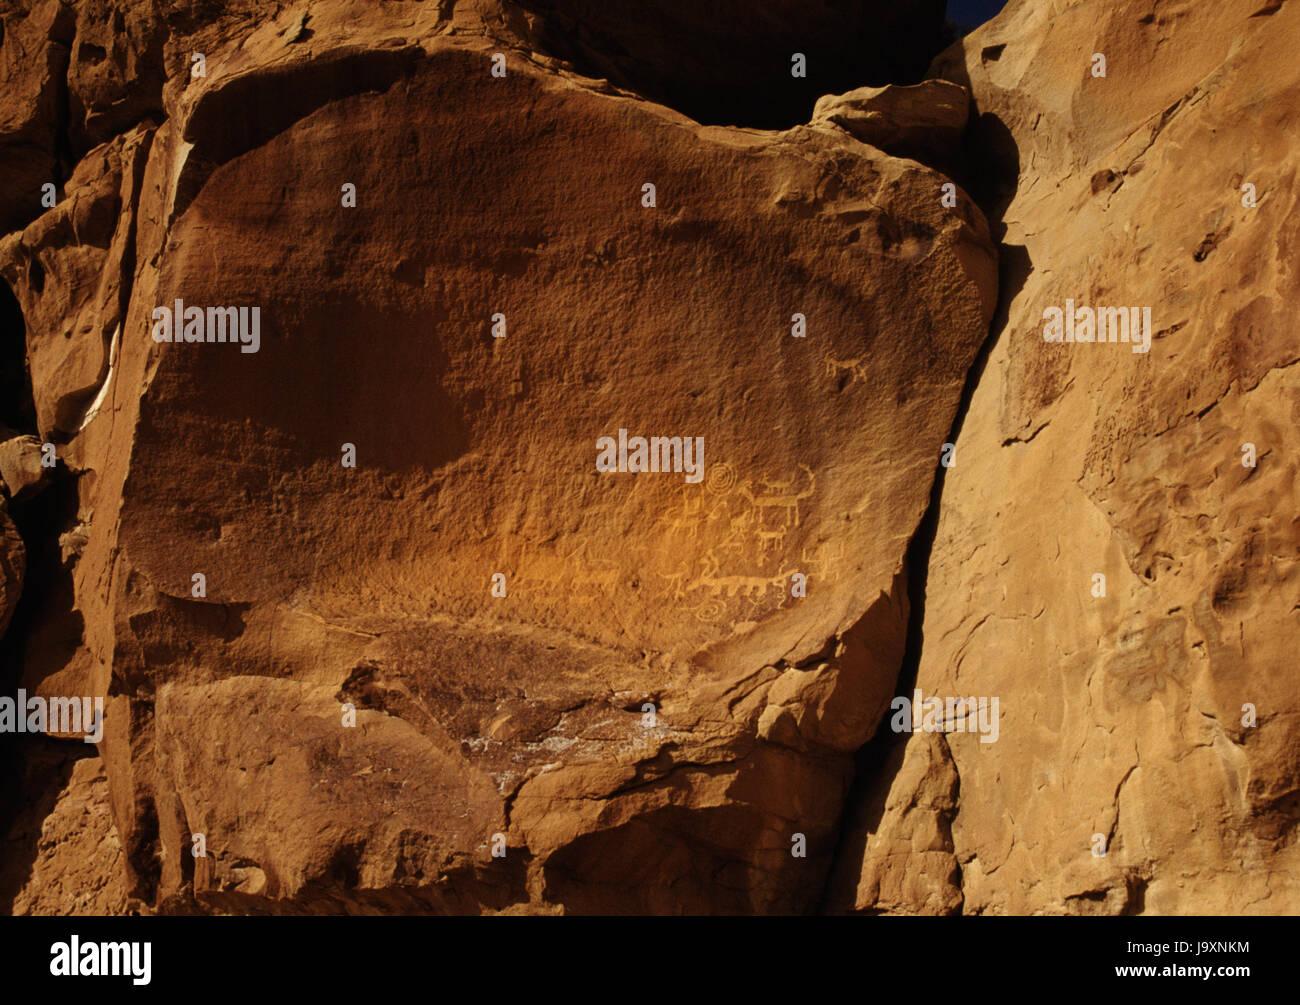 San Juan Anasazi tallados en la pared del cañón de piedra arenisca en una vida de pueblo, Cañón del Chaco, Nuevo México, EE.UU.: anthropomorph con espiral & horned cuadrúpedos. Foto de stock